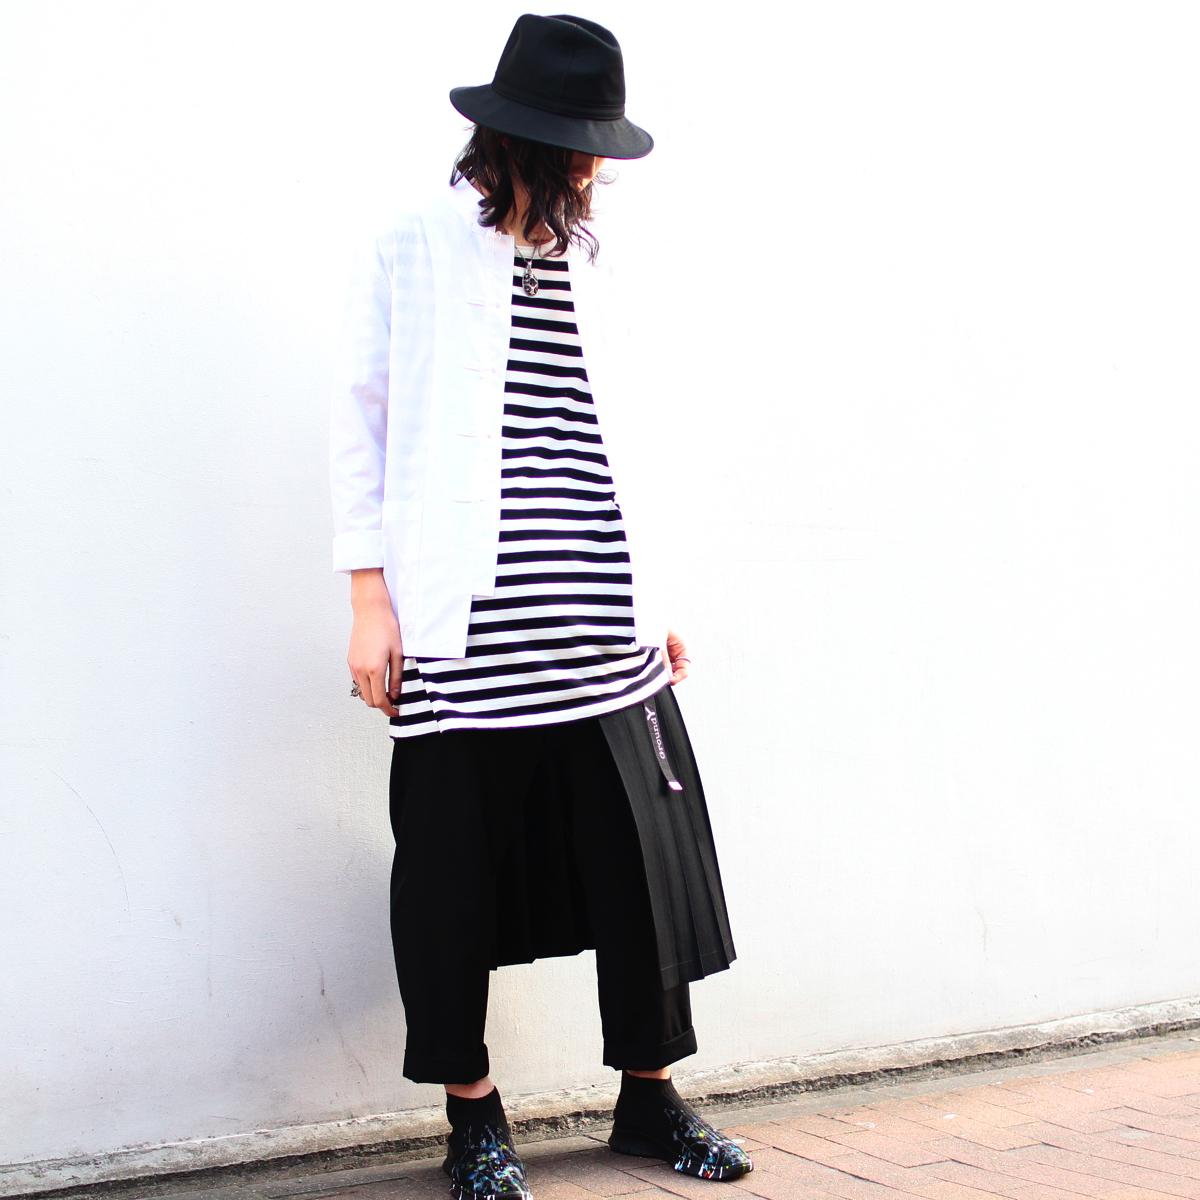 YOHJI YAMAMOTO Removable Pleat Pants